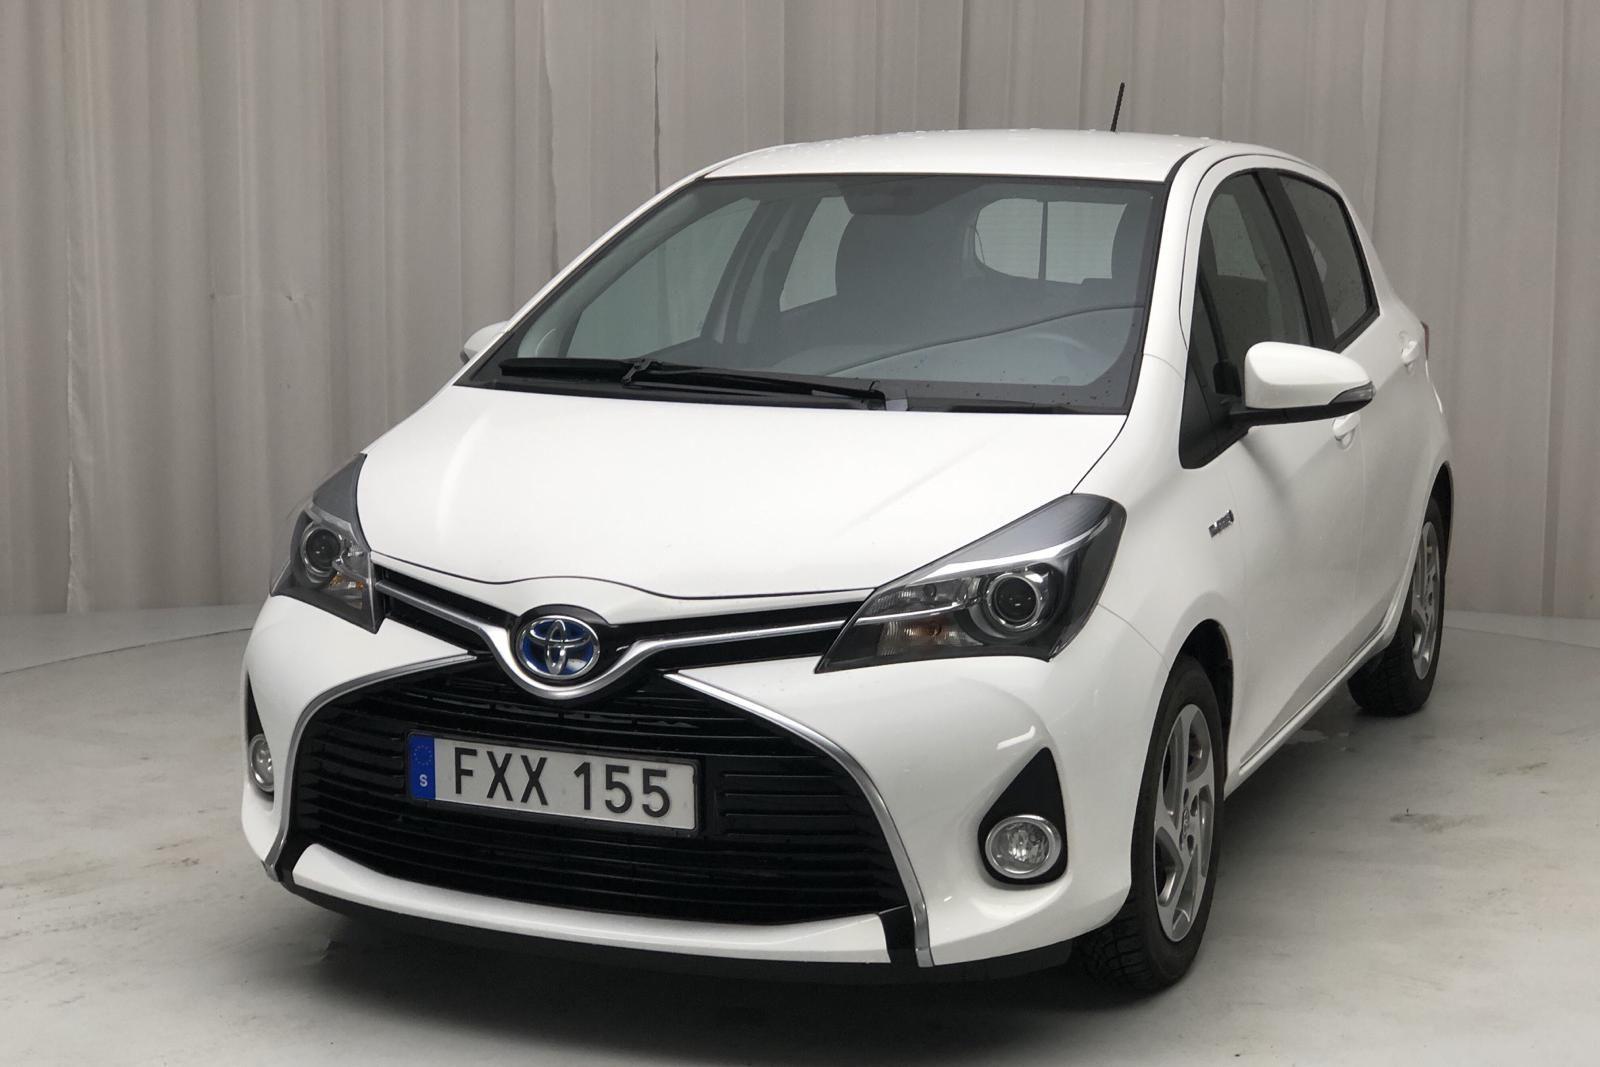 Toyota Yaris 1.5 HSD 5dr (75hk)